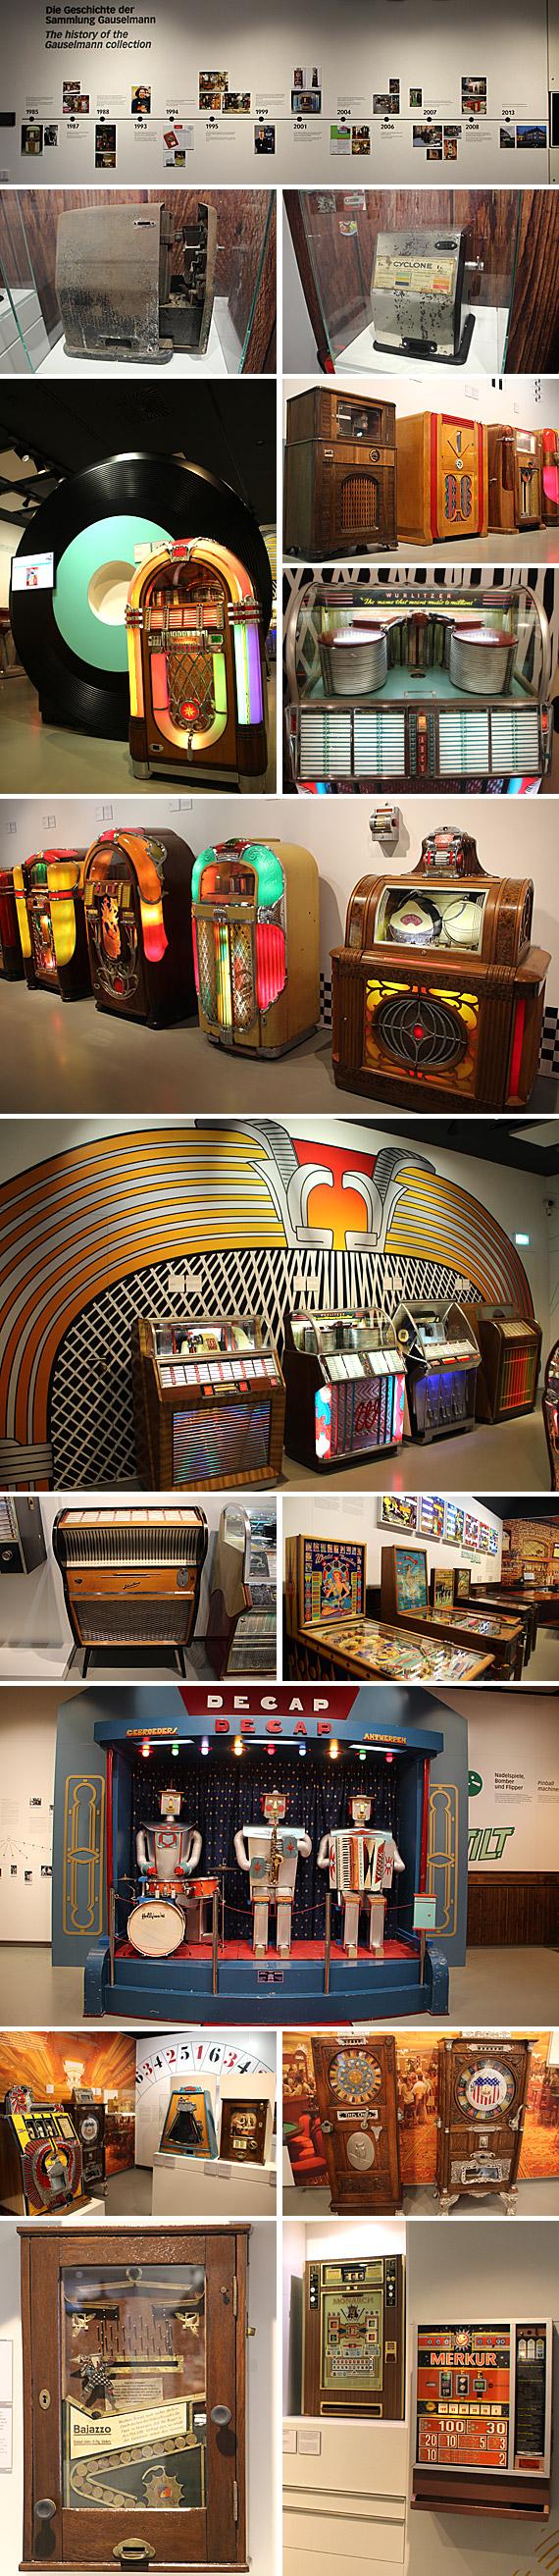 Für die breite, interessierte Öffentlichkeit werden im Deutschen Automaten Museum (DAM) am Schloss Benkhausen dauerhaft etwa 200 historische Exponate präsentiert